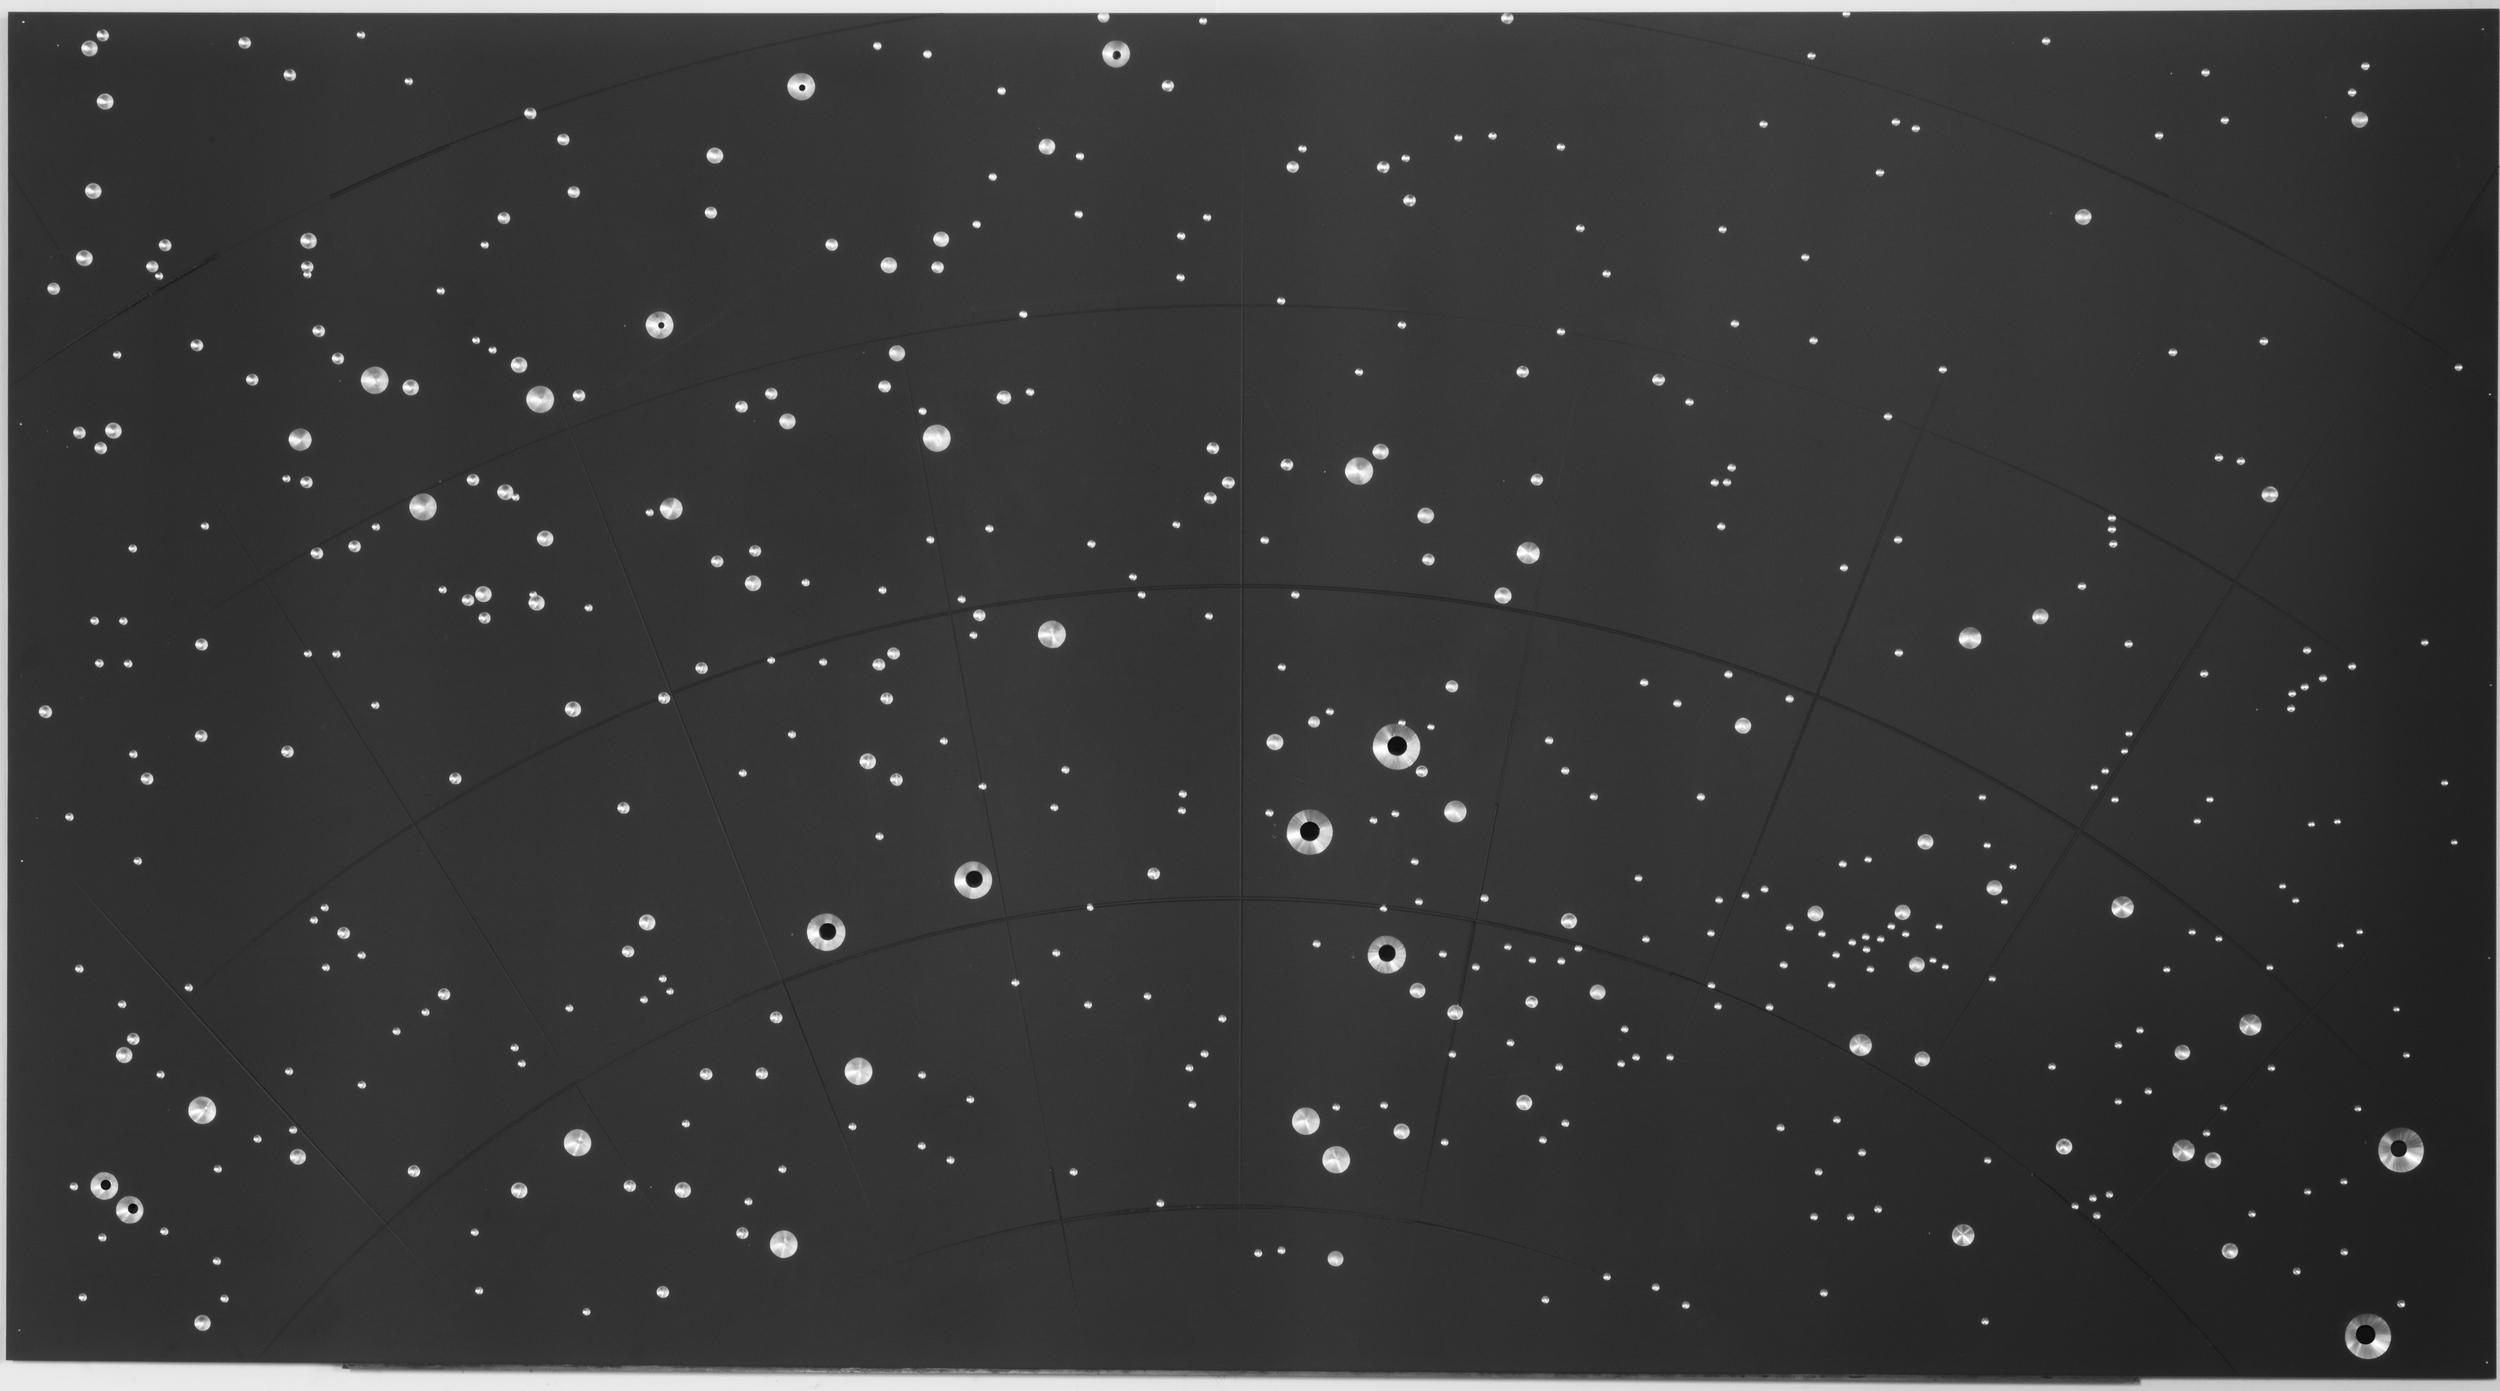 Cen+A+NGC-5128.jpg